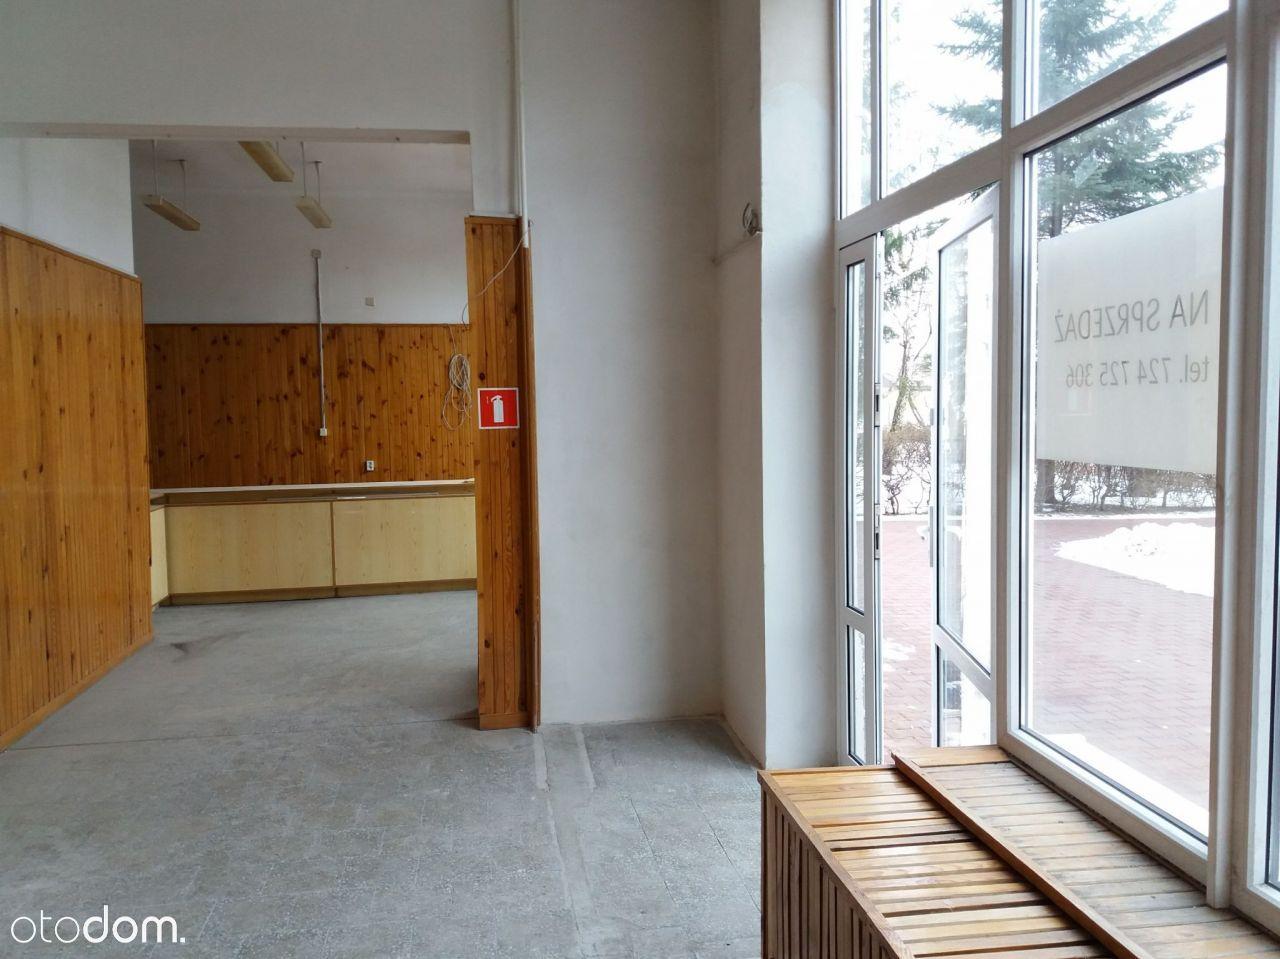 Lokal użytkowy na sprzedaż, Chełm, Bazylany - Foto 1